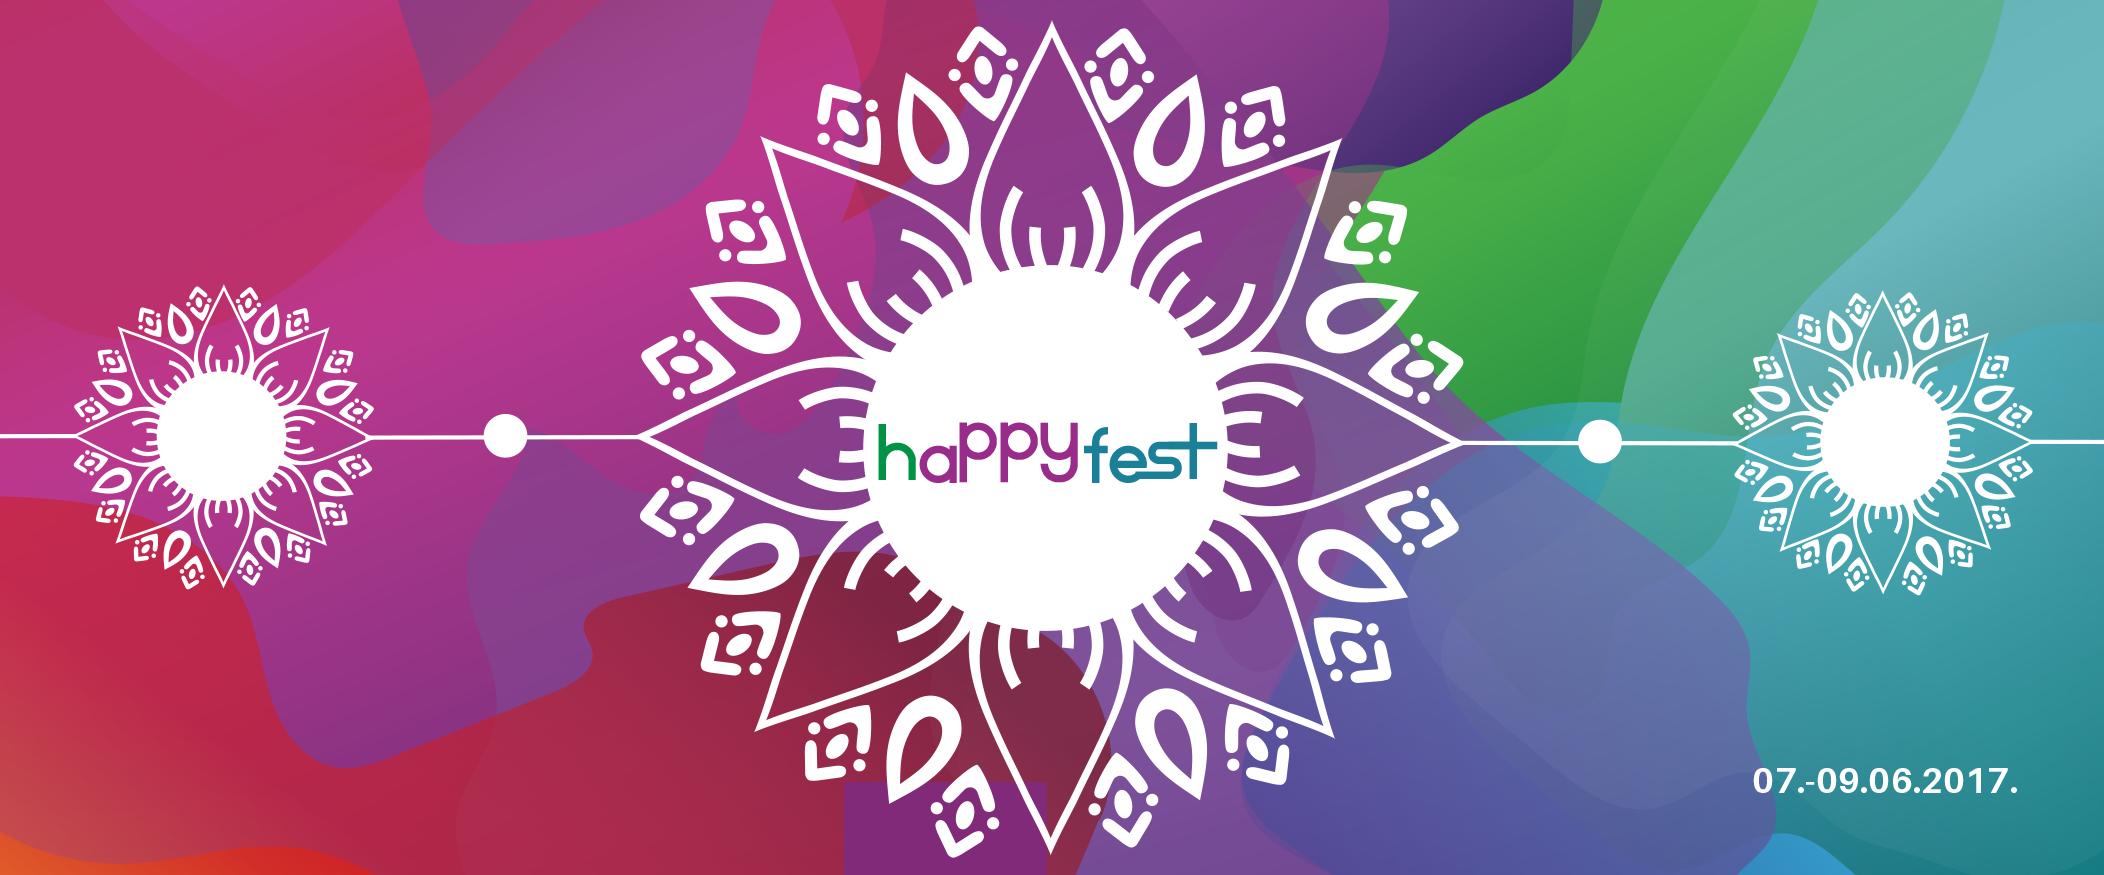 HAPPYFEST-2017-I-Web